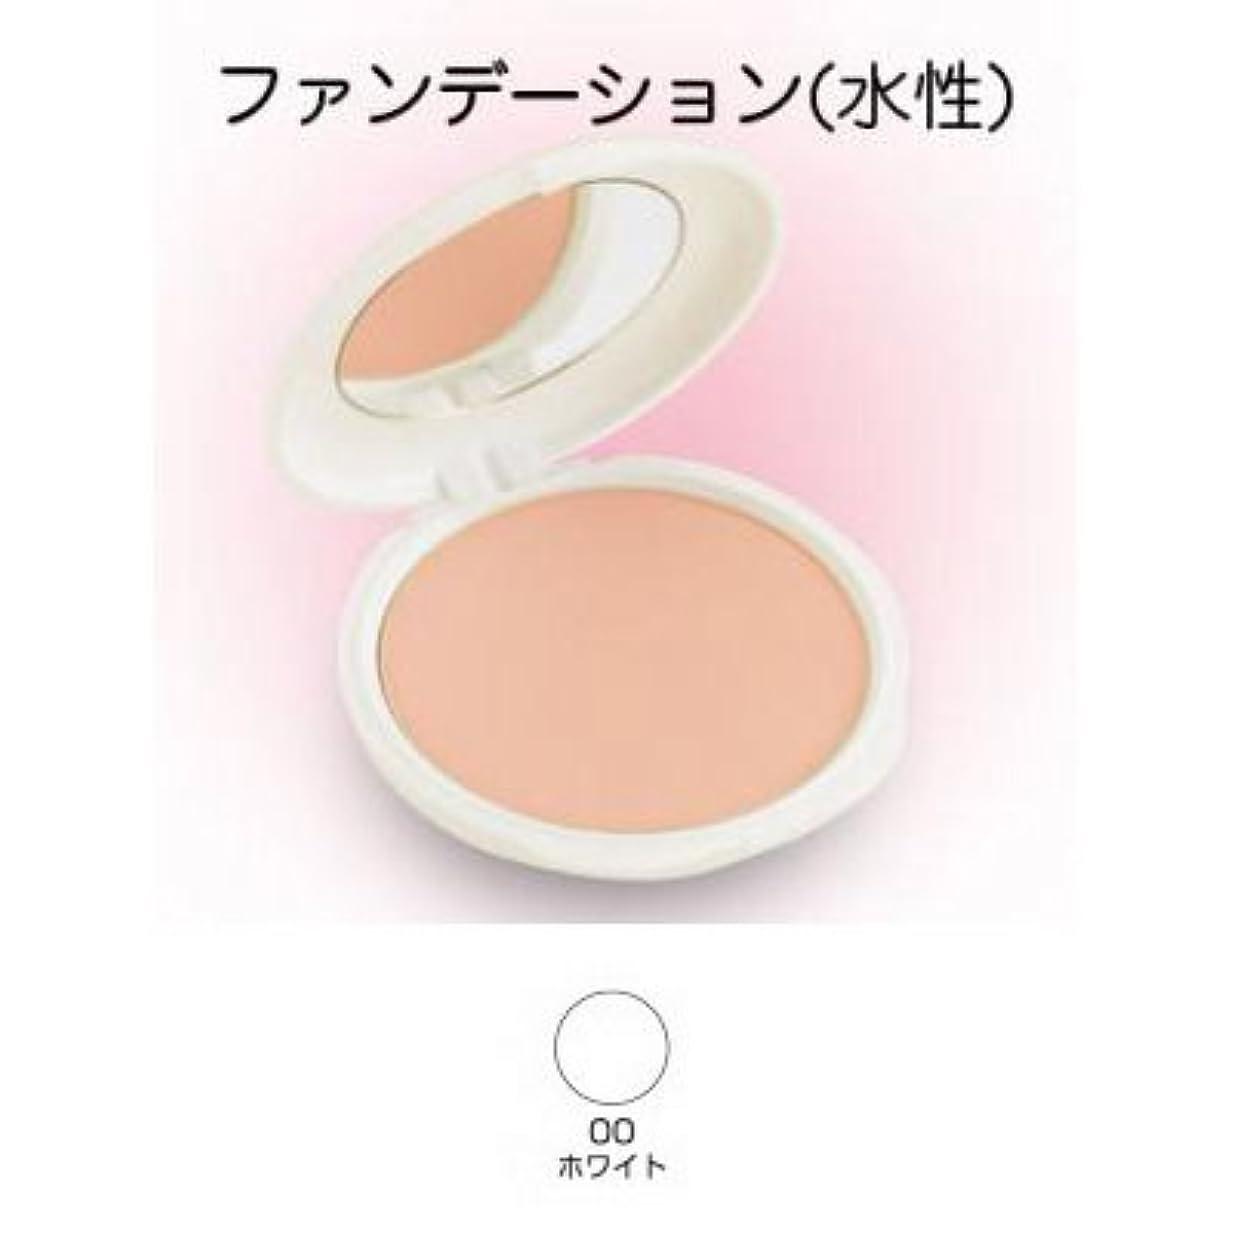 キャンパスブランド症状ツーウェイケーキ 28g 00ホワイト 【三善】